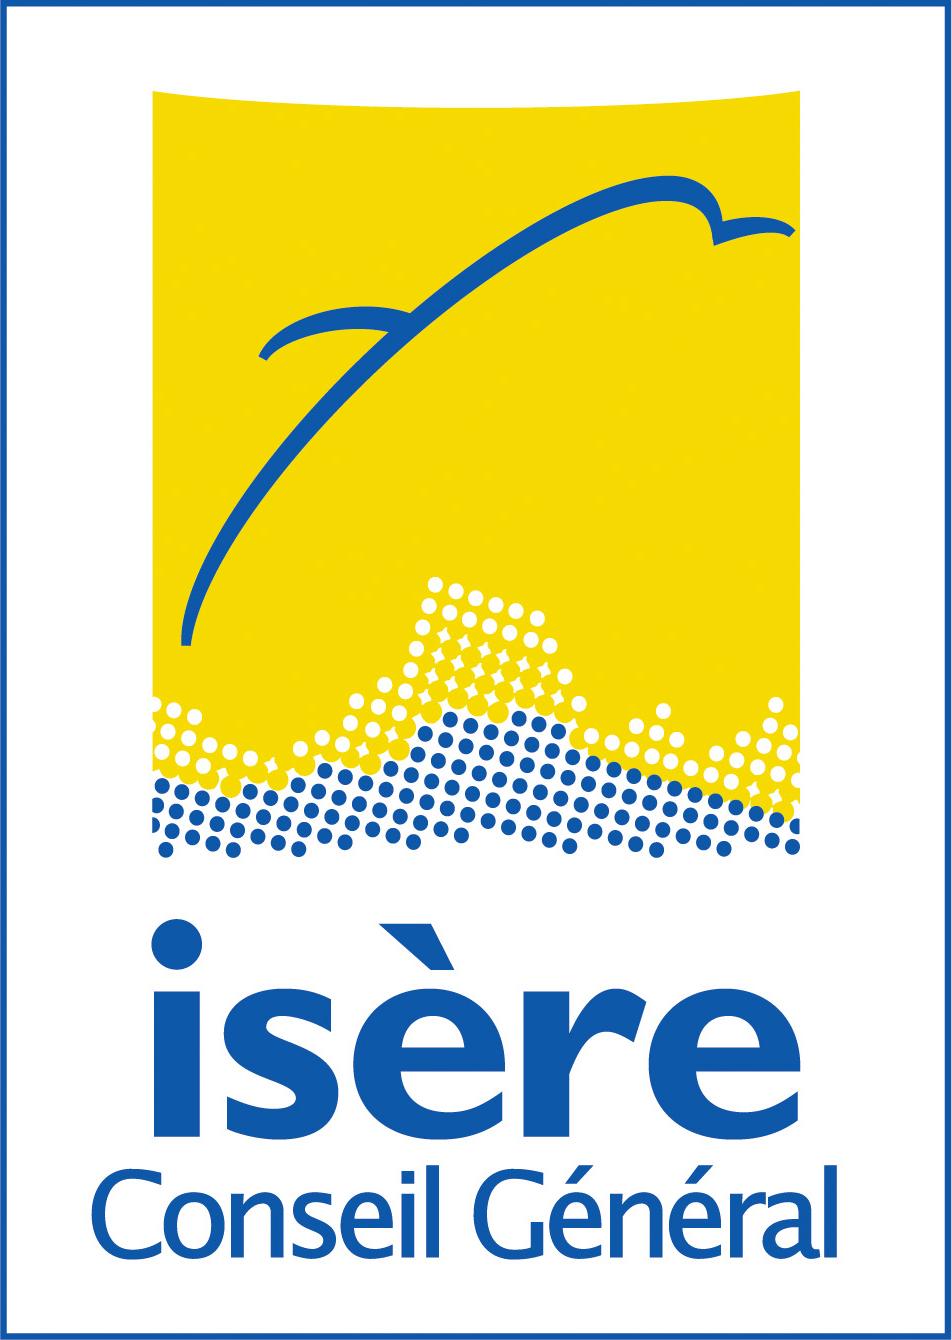 logo conseil général de l'isère